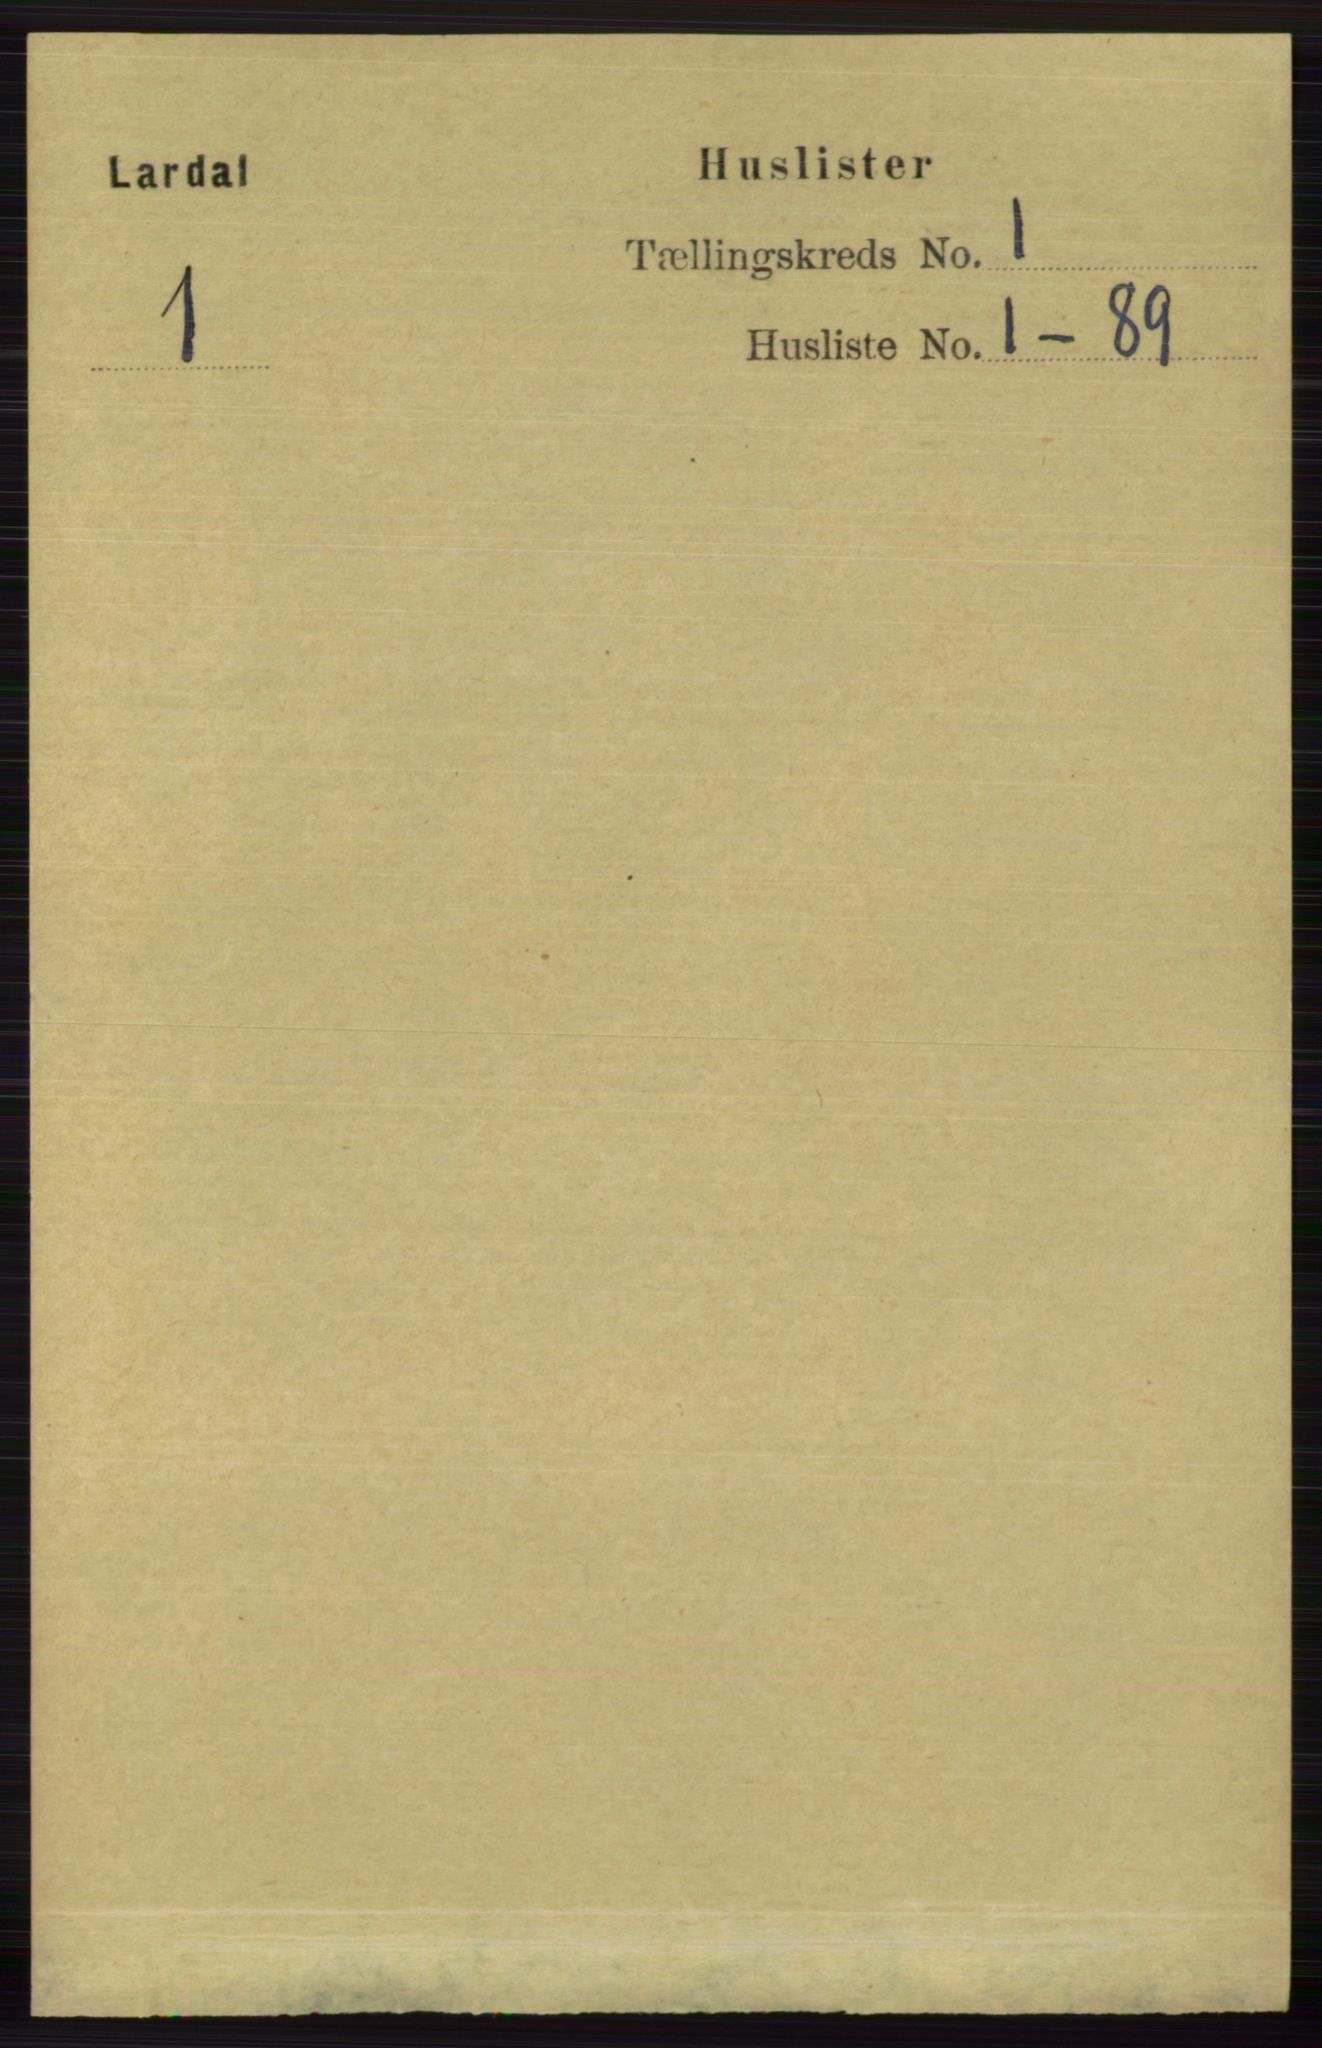 RA, Folketelling 1891 for 0728 Lardal herred, 1891, s. 22